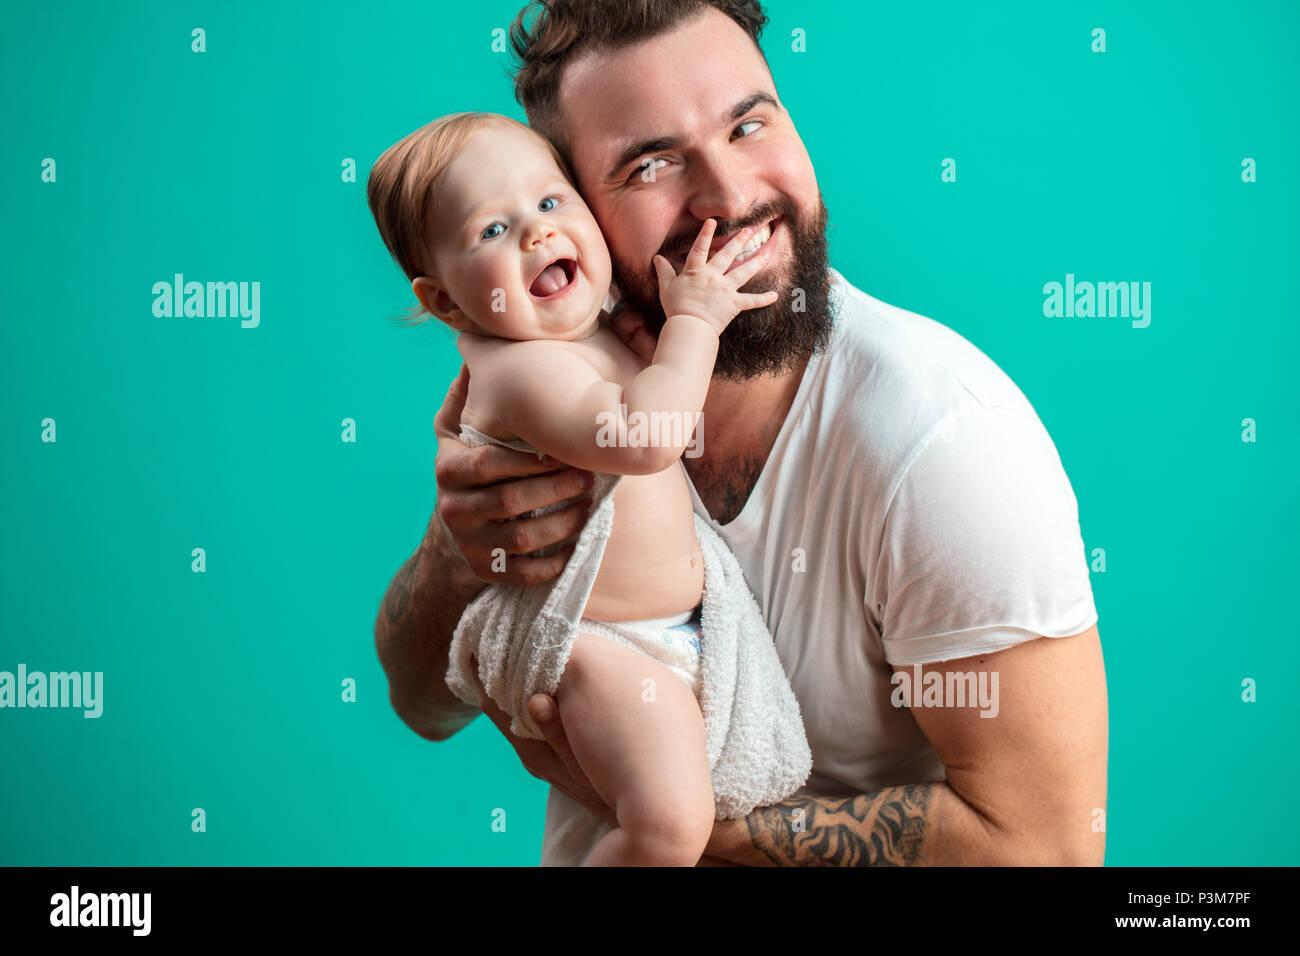 Juguetón padre llevar a su niño sonriente en cuello sobre fondo azul. Imagen De Stock